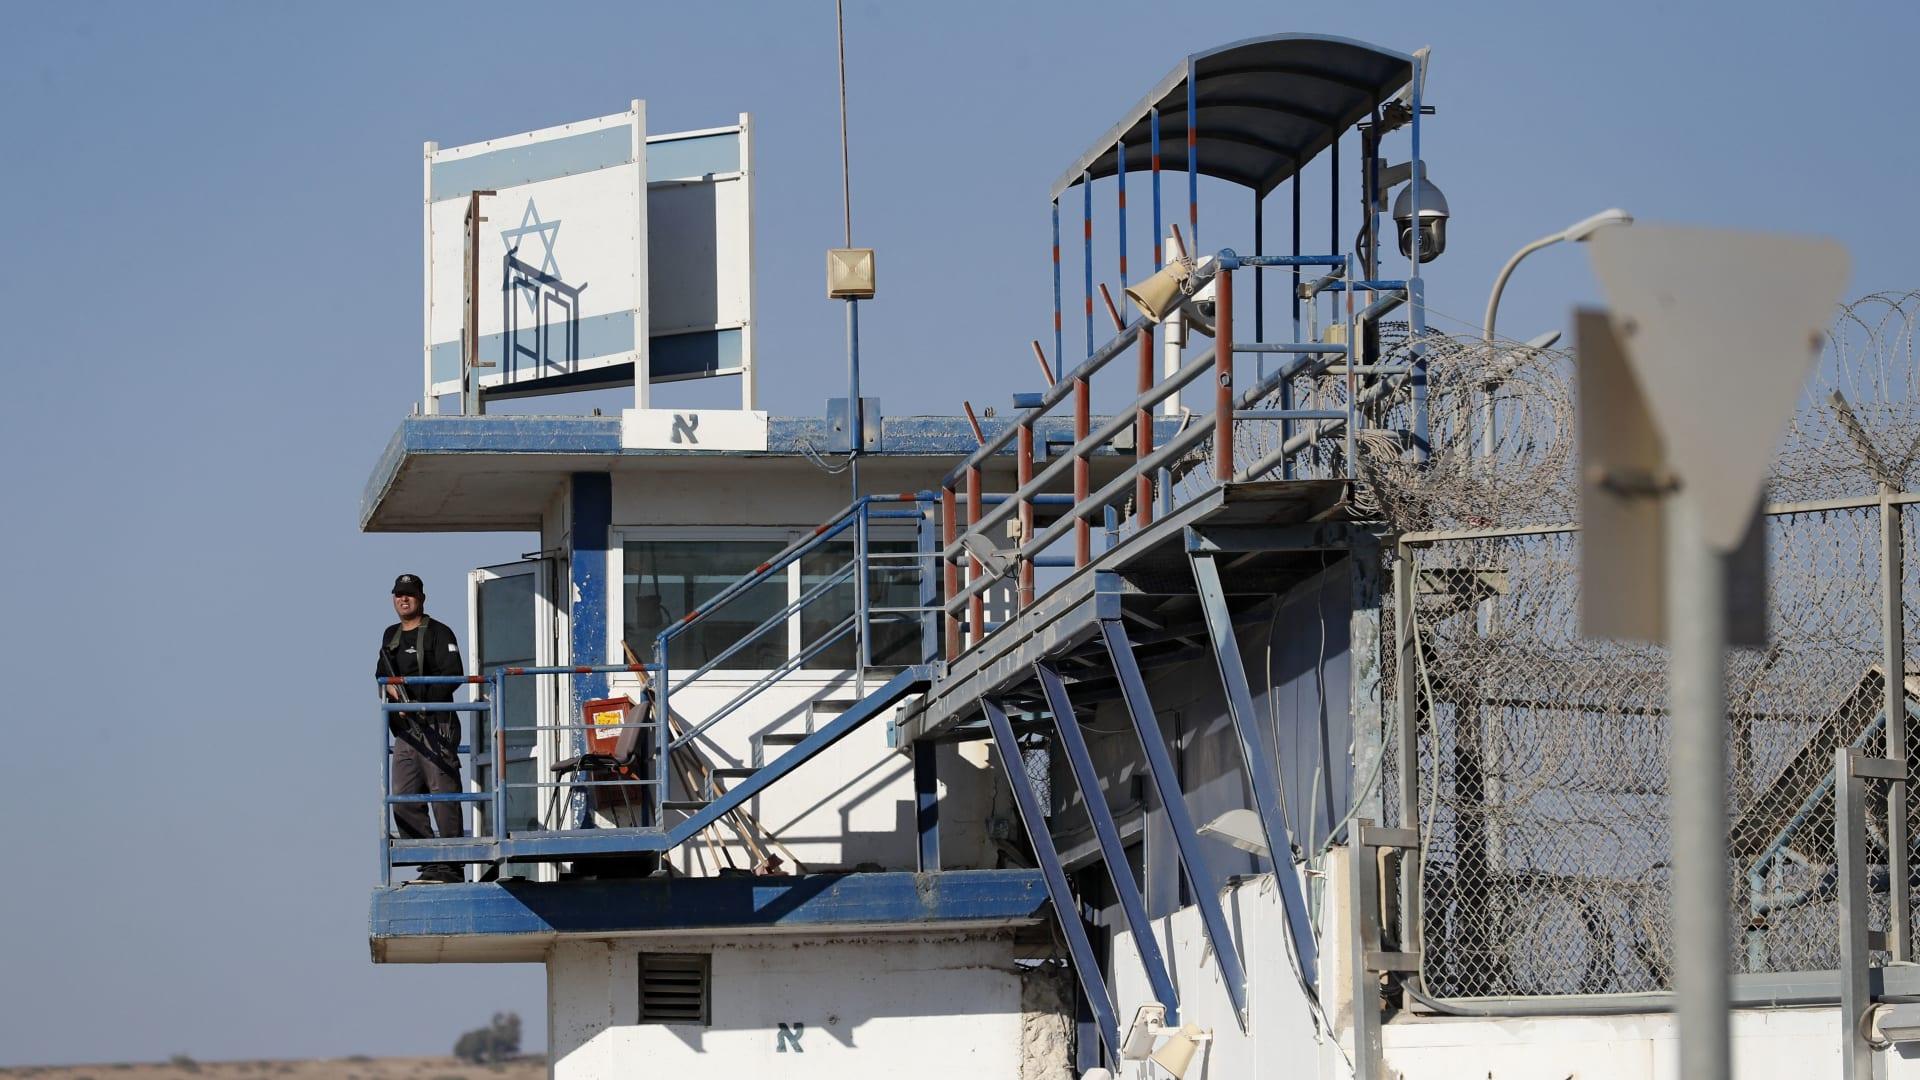 إسرائيل تعيد آخر سجينين فرا من جلبوع.. ورئيس الوزراء: انتهى الأمر